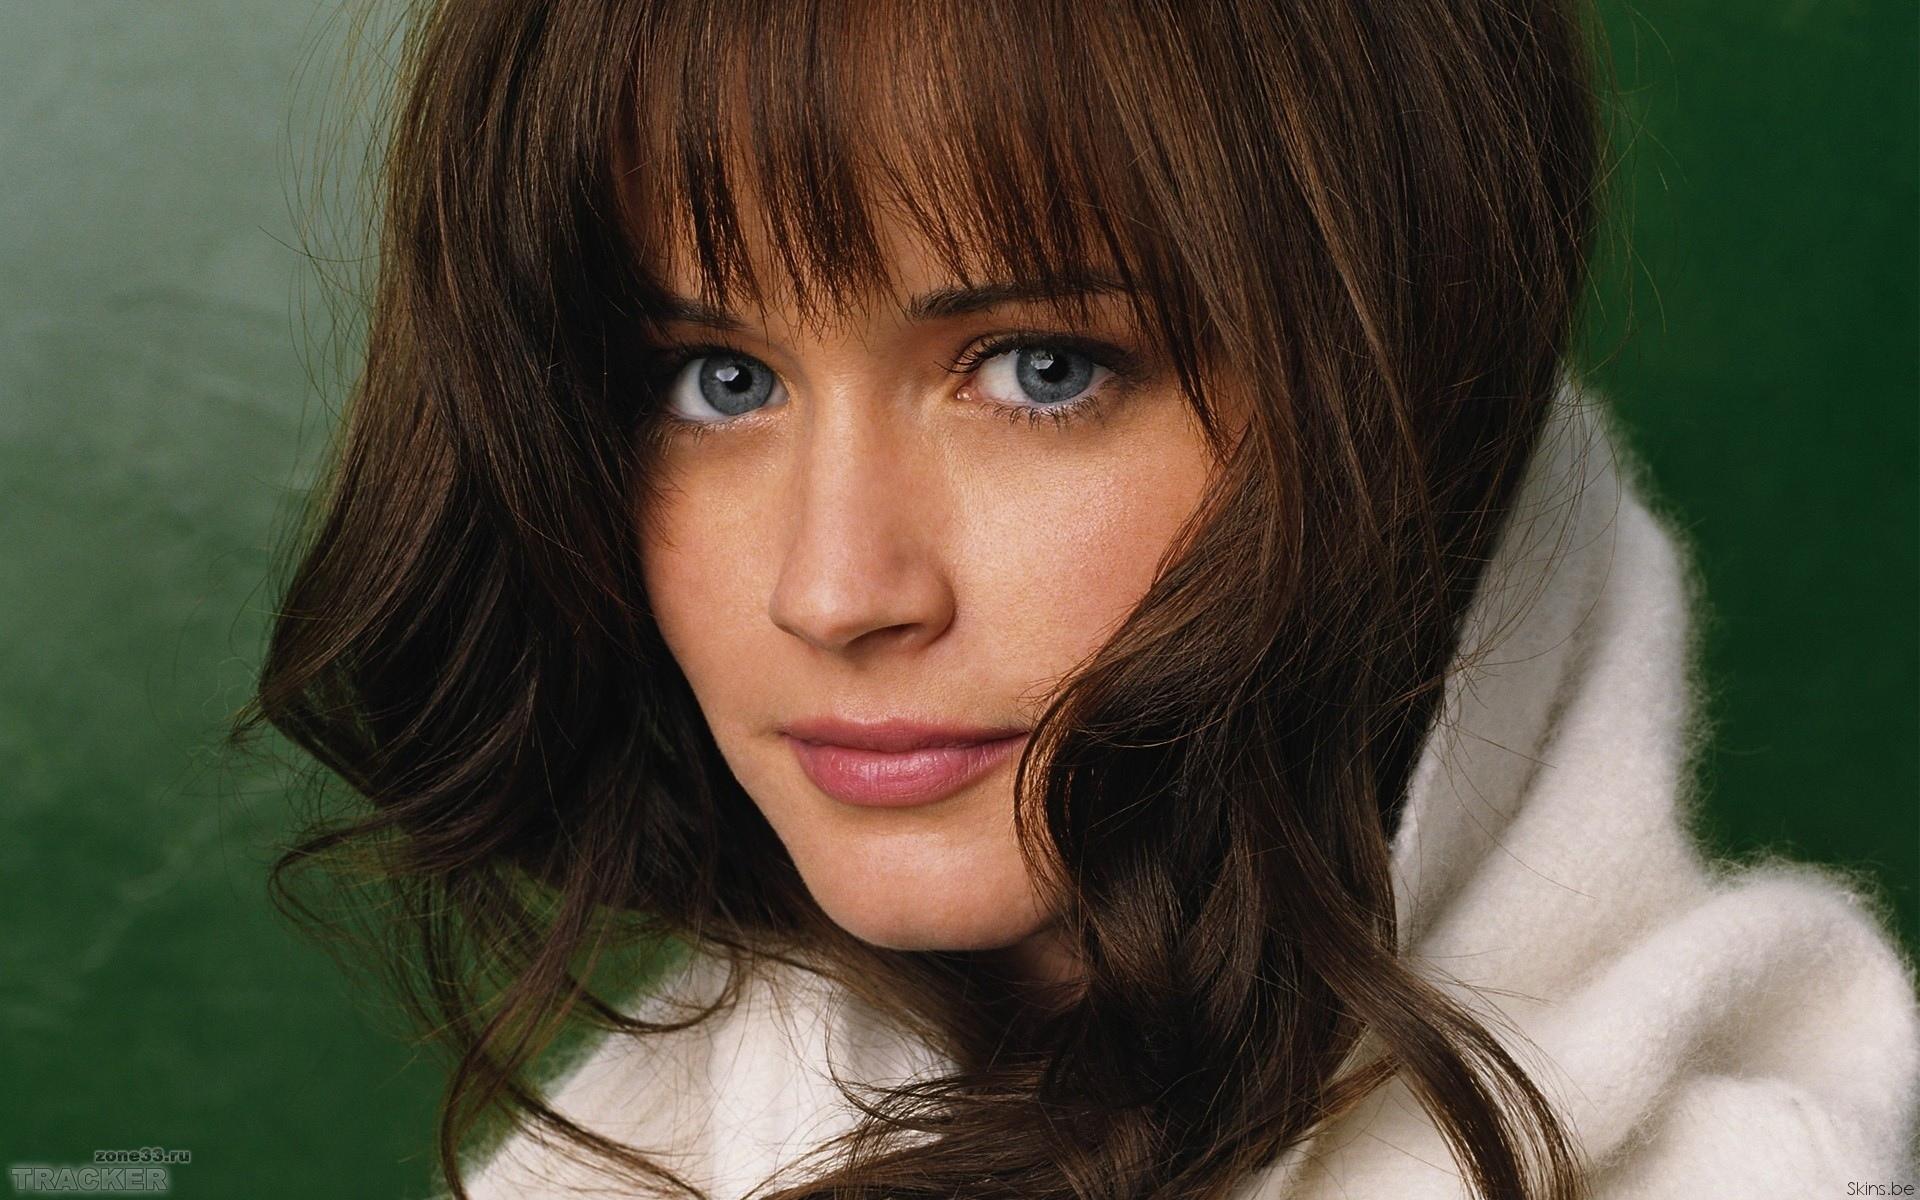 помощь придут молодые российские актрисы красивые фото компании галерея плитки